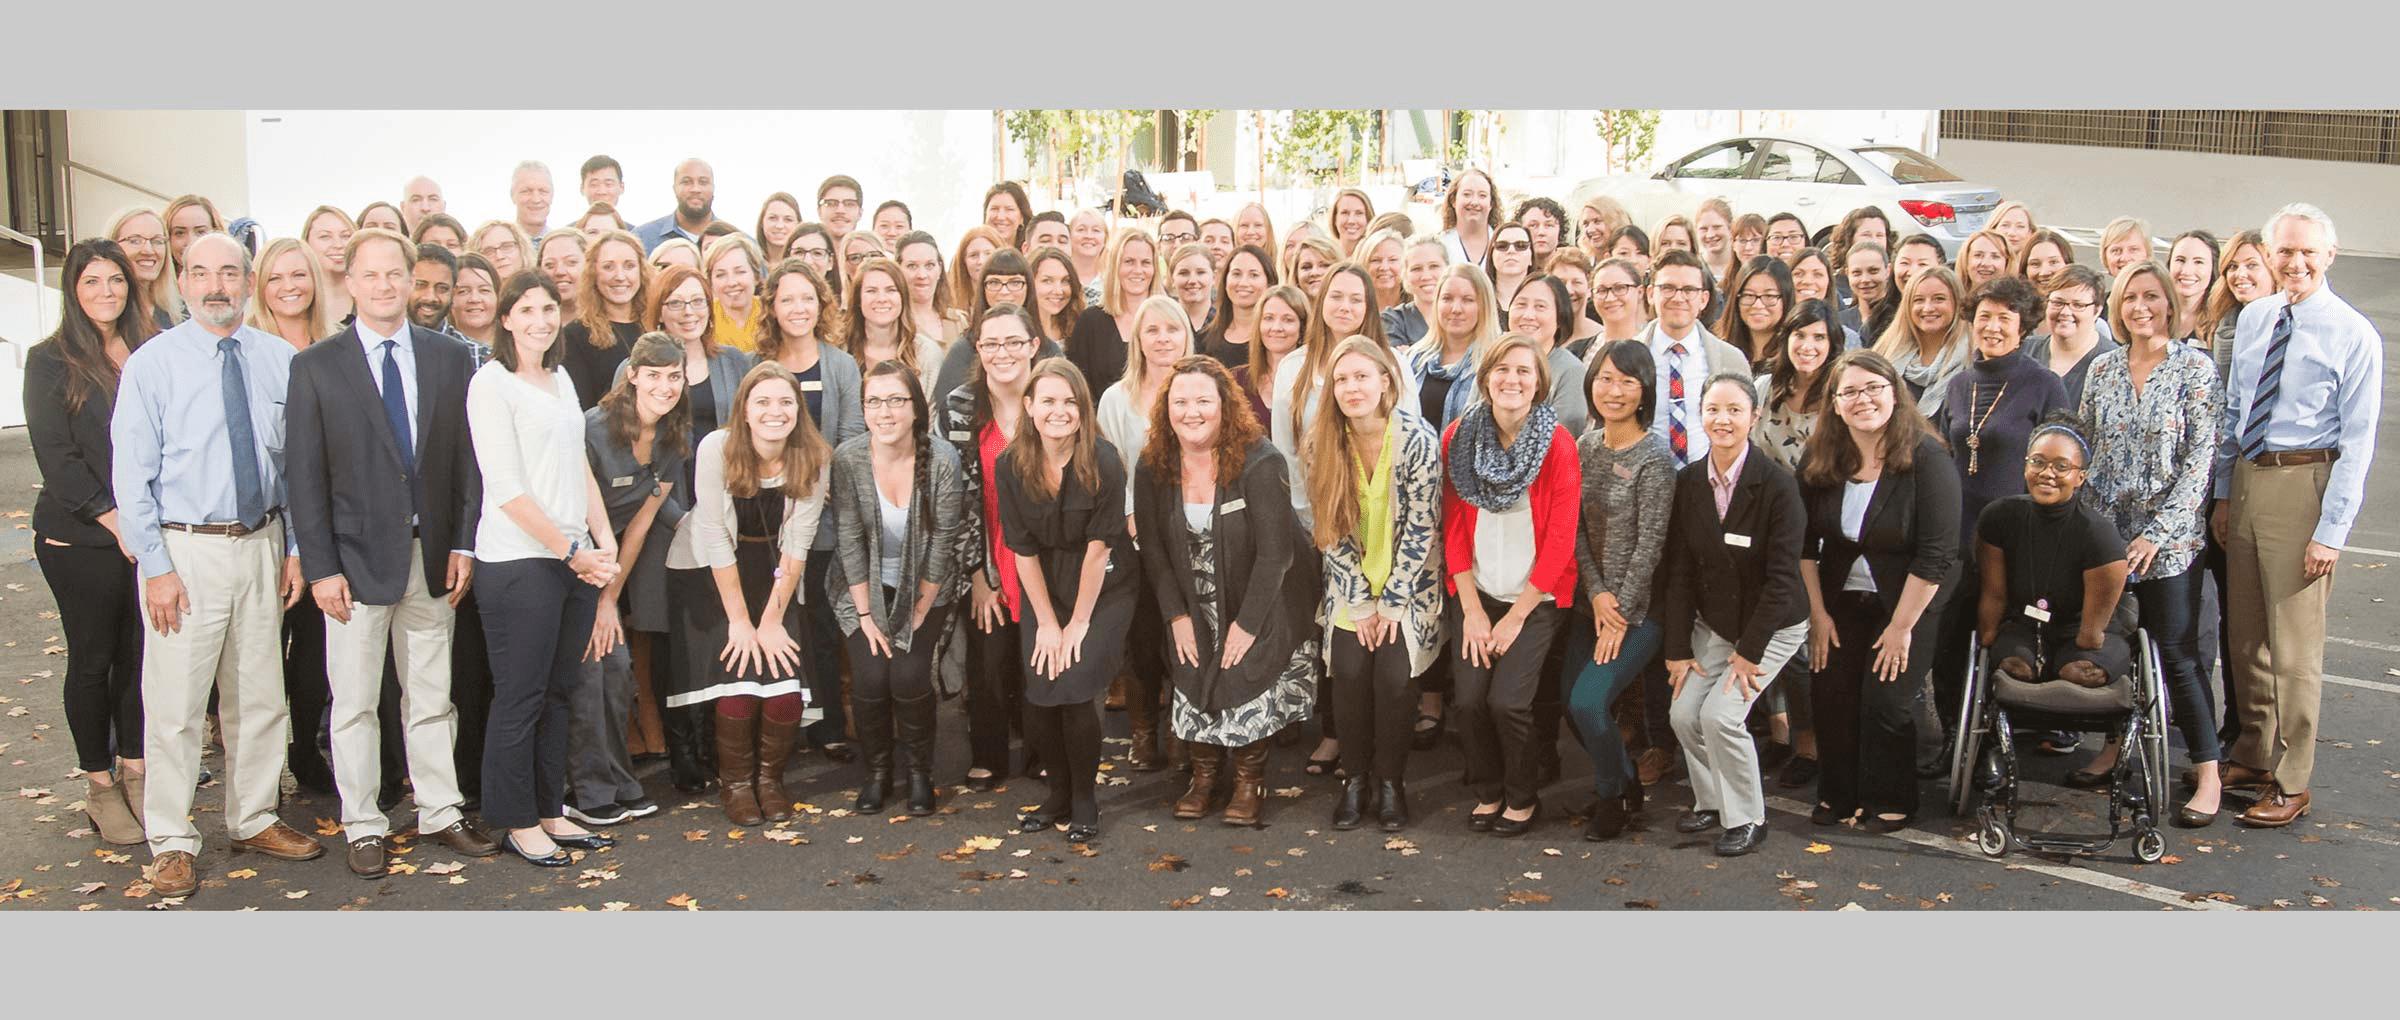 Profesionales de Oregon Reproductive Medicine